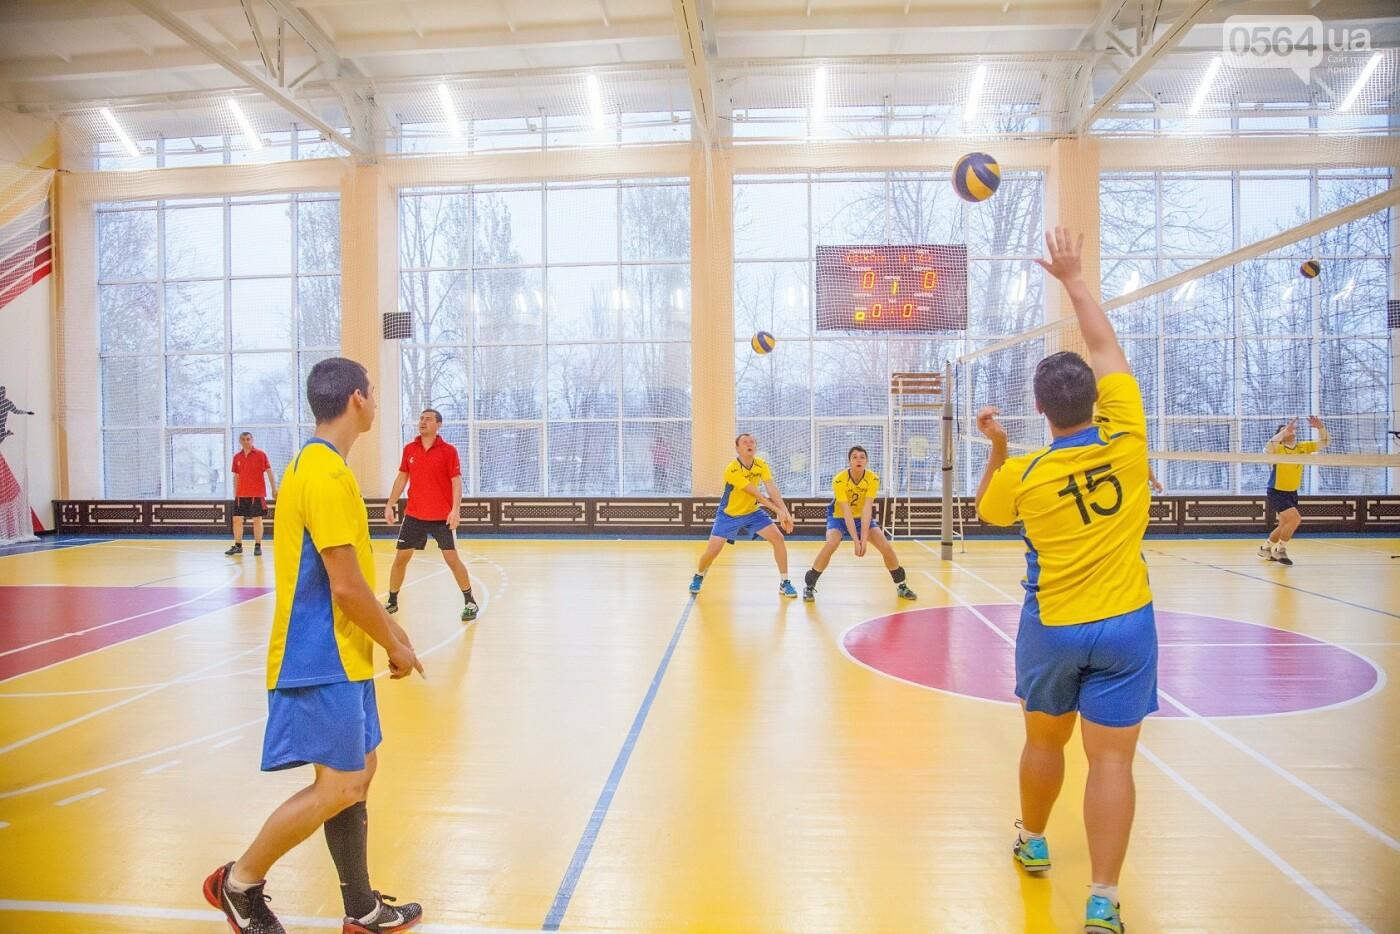 К старту готовы: 250 криворожских спортсменов примут участие в олимпиаде Метинвеста, фото-2